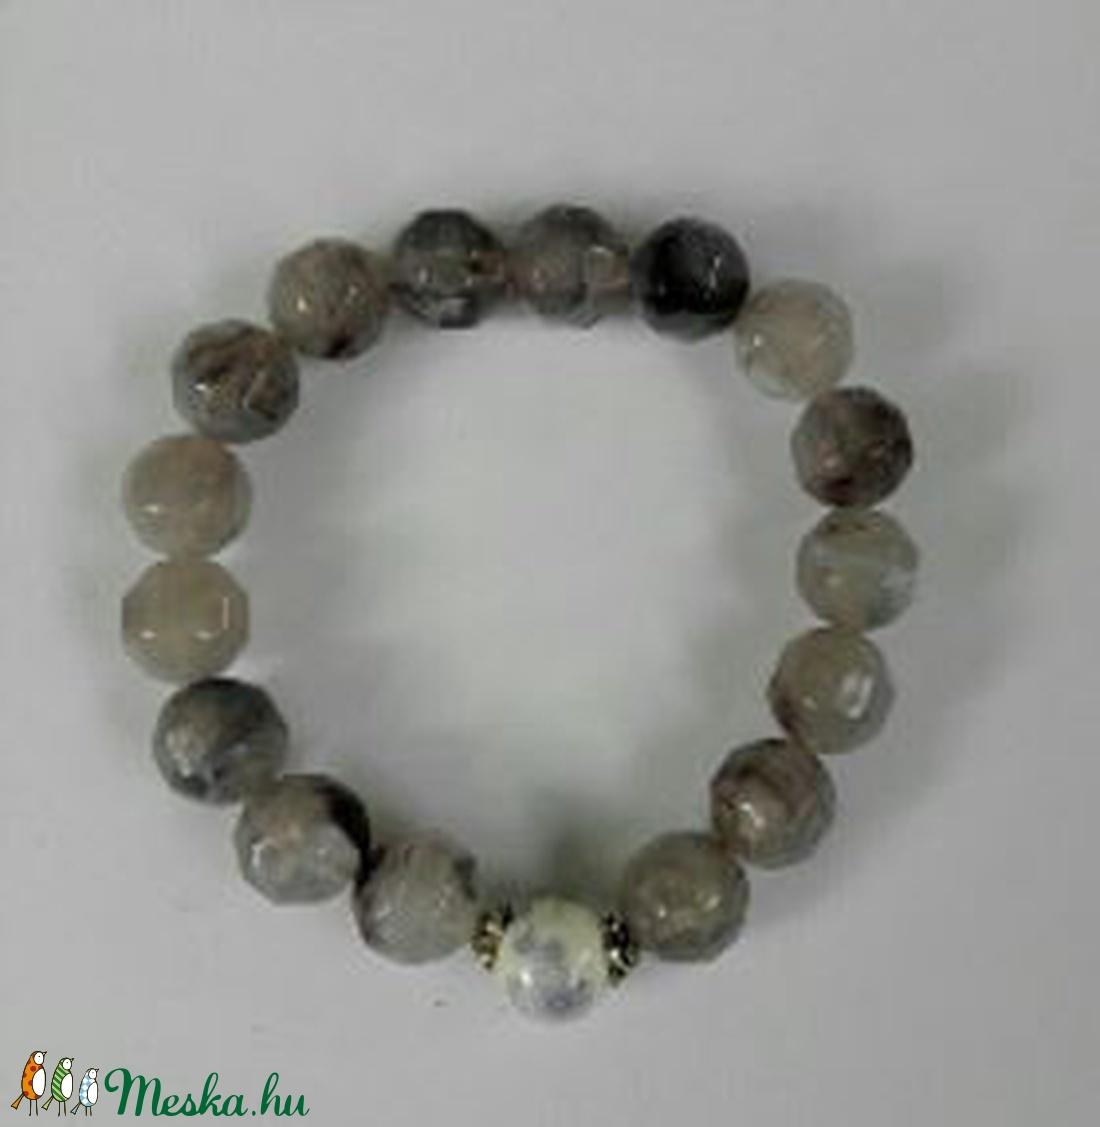 Csukló mala, füstkvarcutánzat (10 mm) gyöngyökkel, lila virágos és ezüst köztesekkel, 16 cm, gumis. (oldjeansgarboo) - Meska.hu